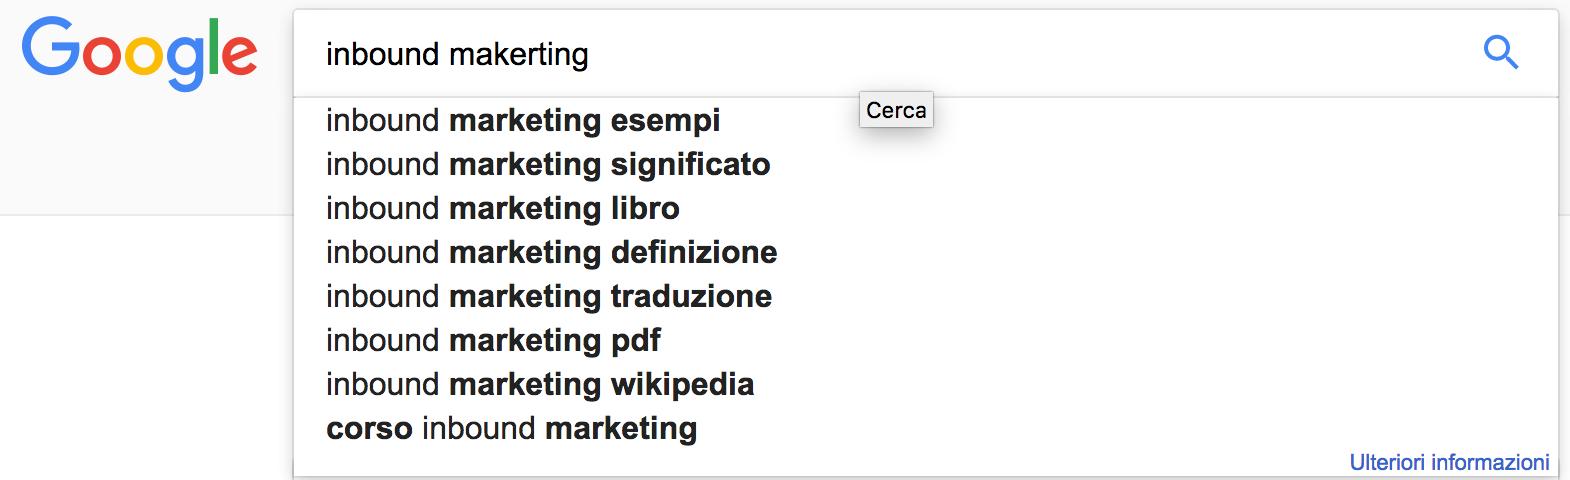 blog-inbound-marketing-google